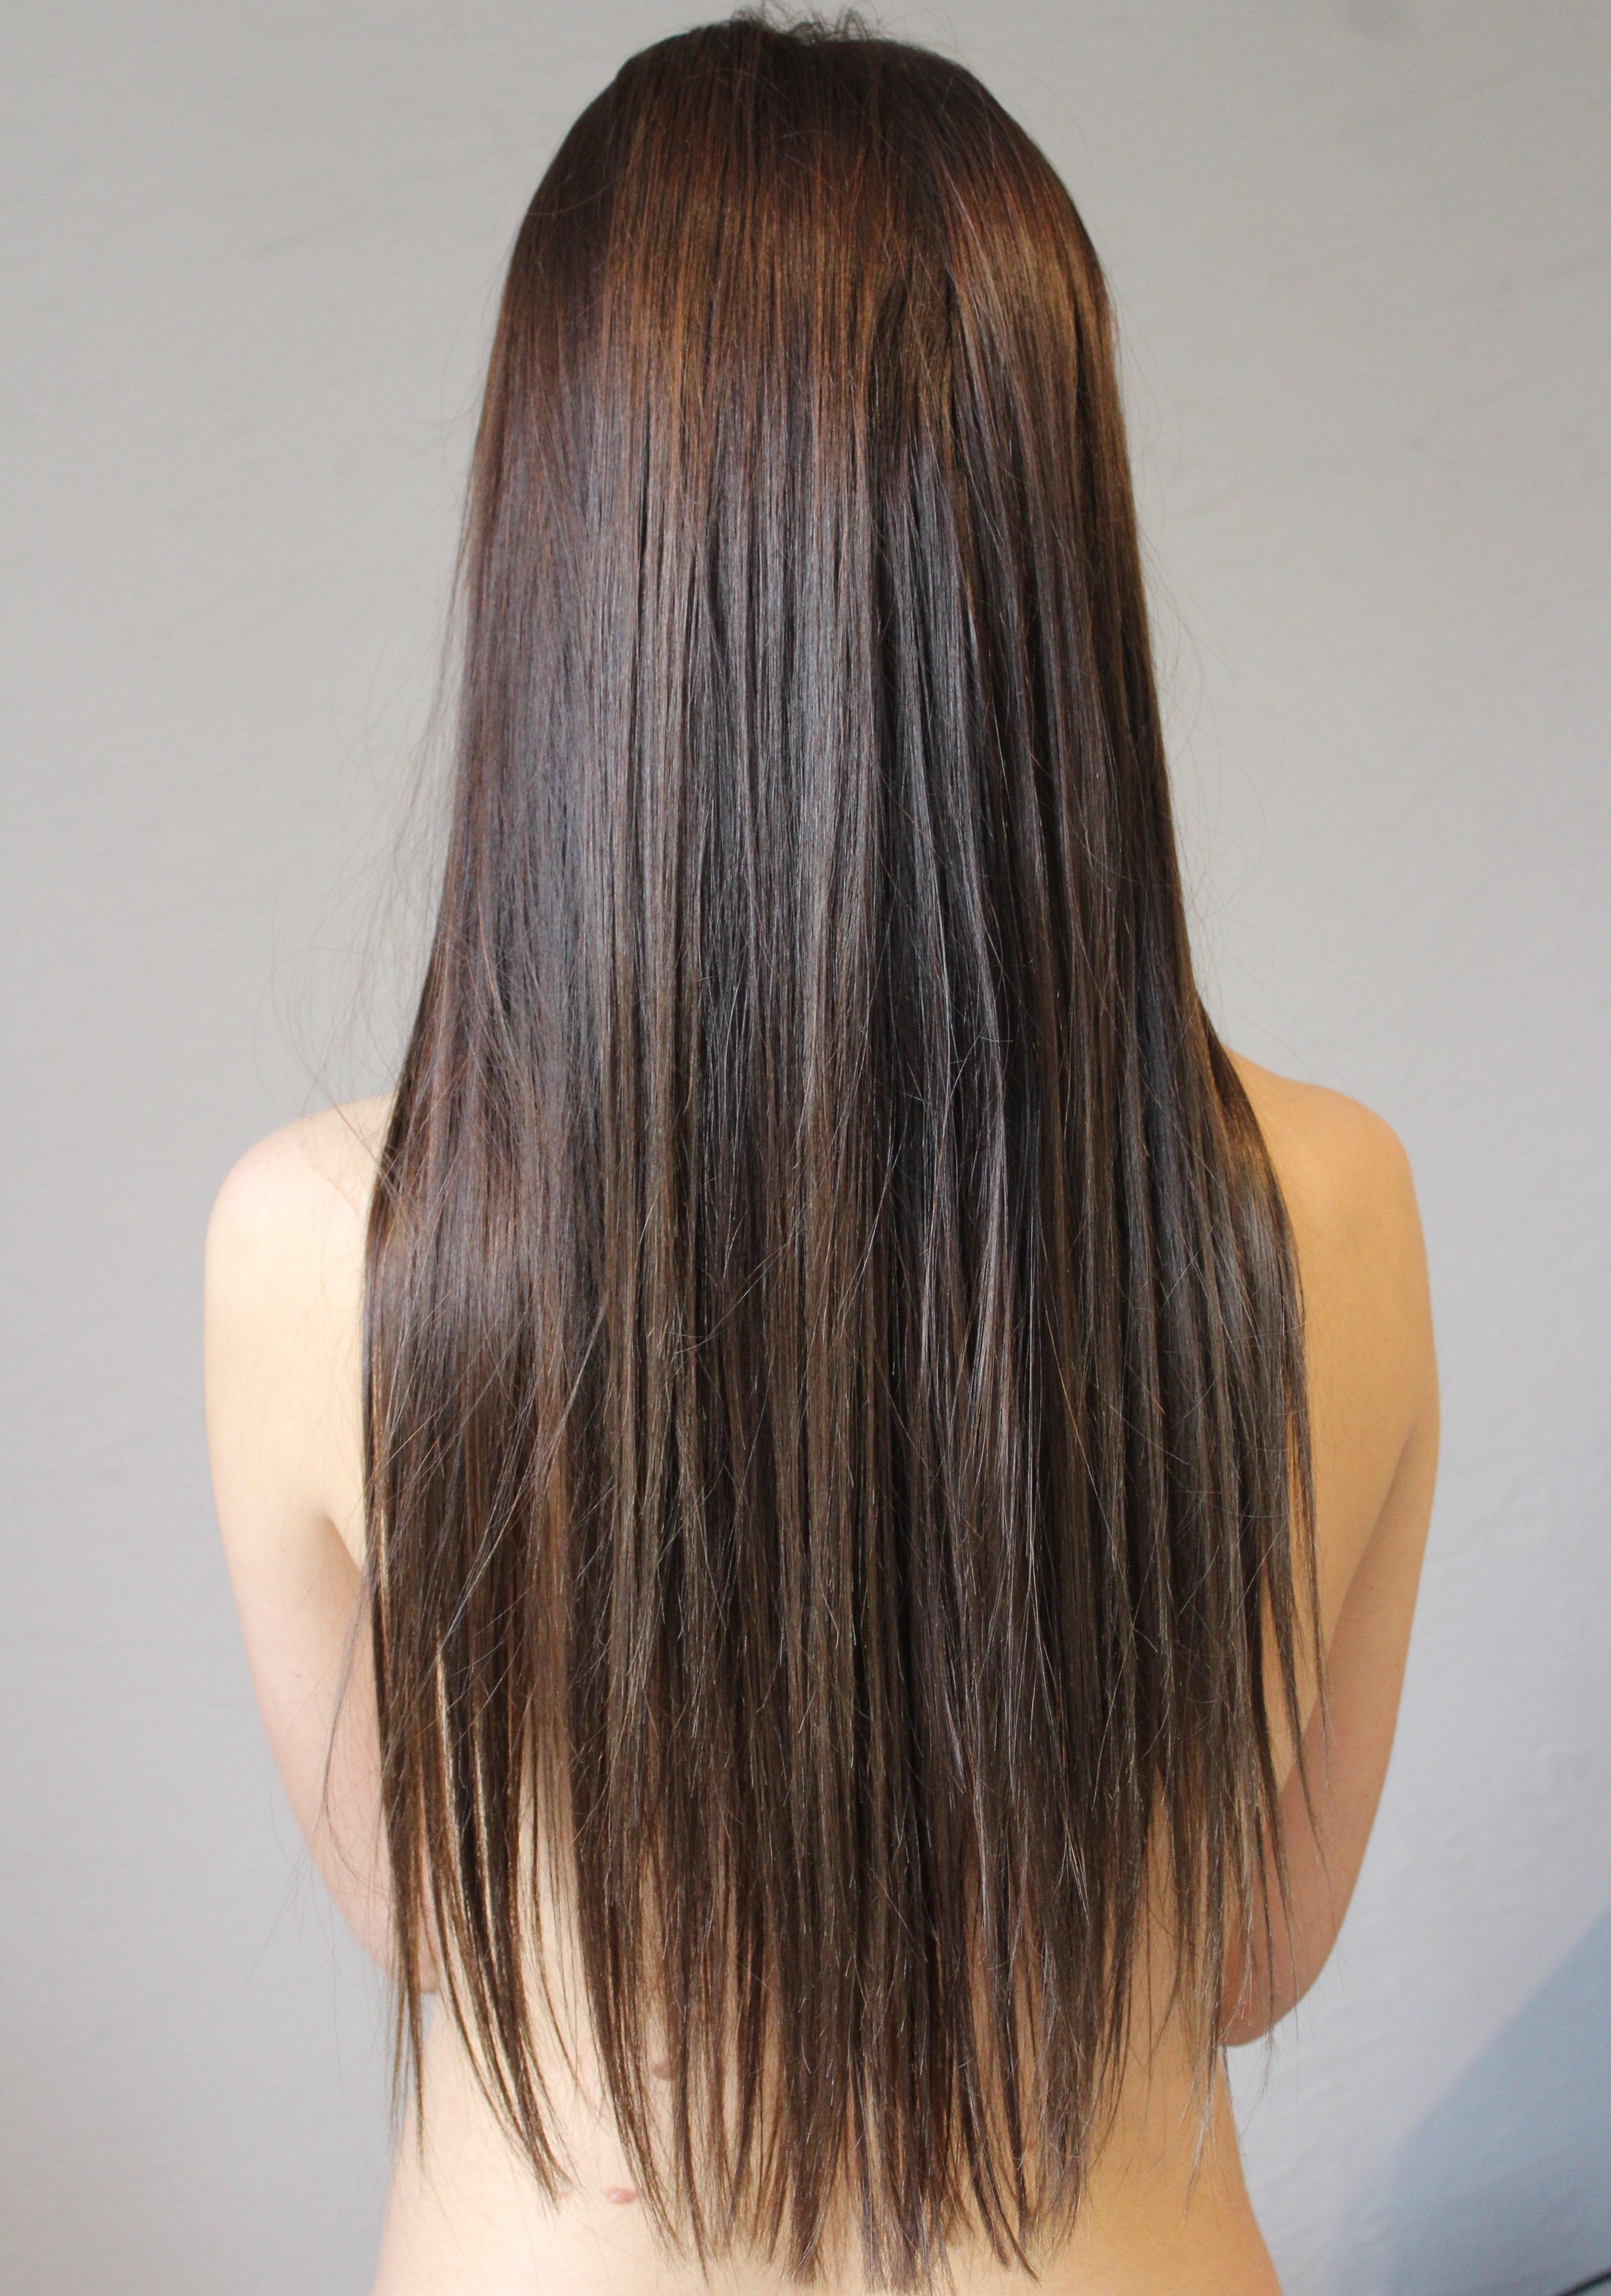 Jak wzmocnić włosy pofarbowaniu, alenietylko?